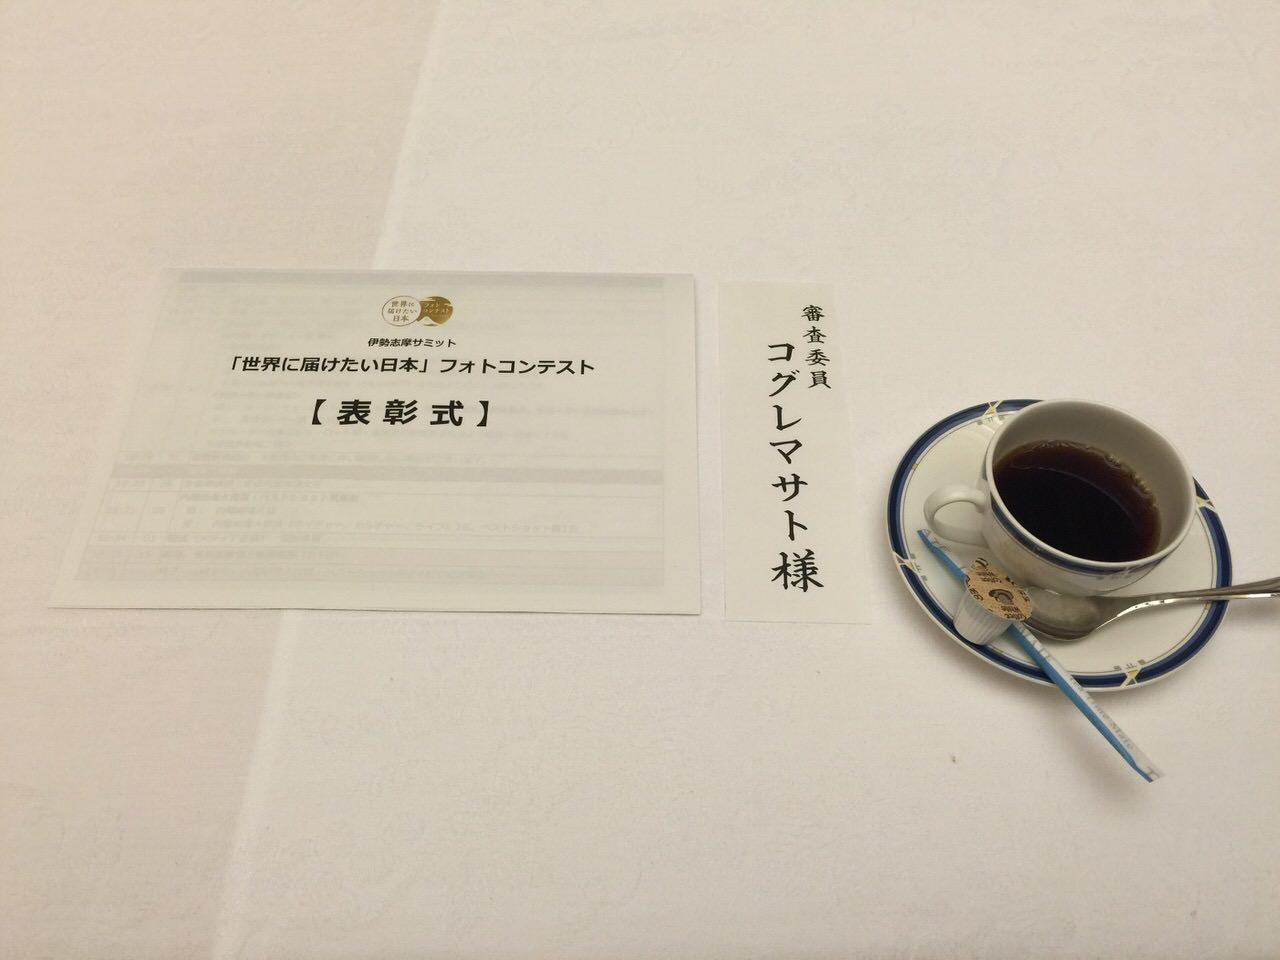 首相官邸で行われた伊勢志摩サミット「世界に届けたい日本」フォトコンテストの表彰式に参加→ 受賞者のみなさん、安倍首相、SKE48にお会いしました